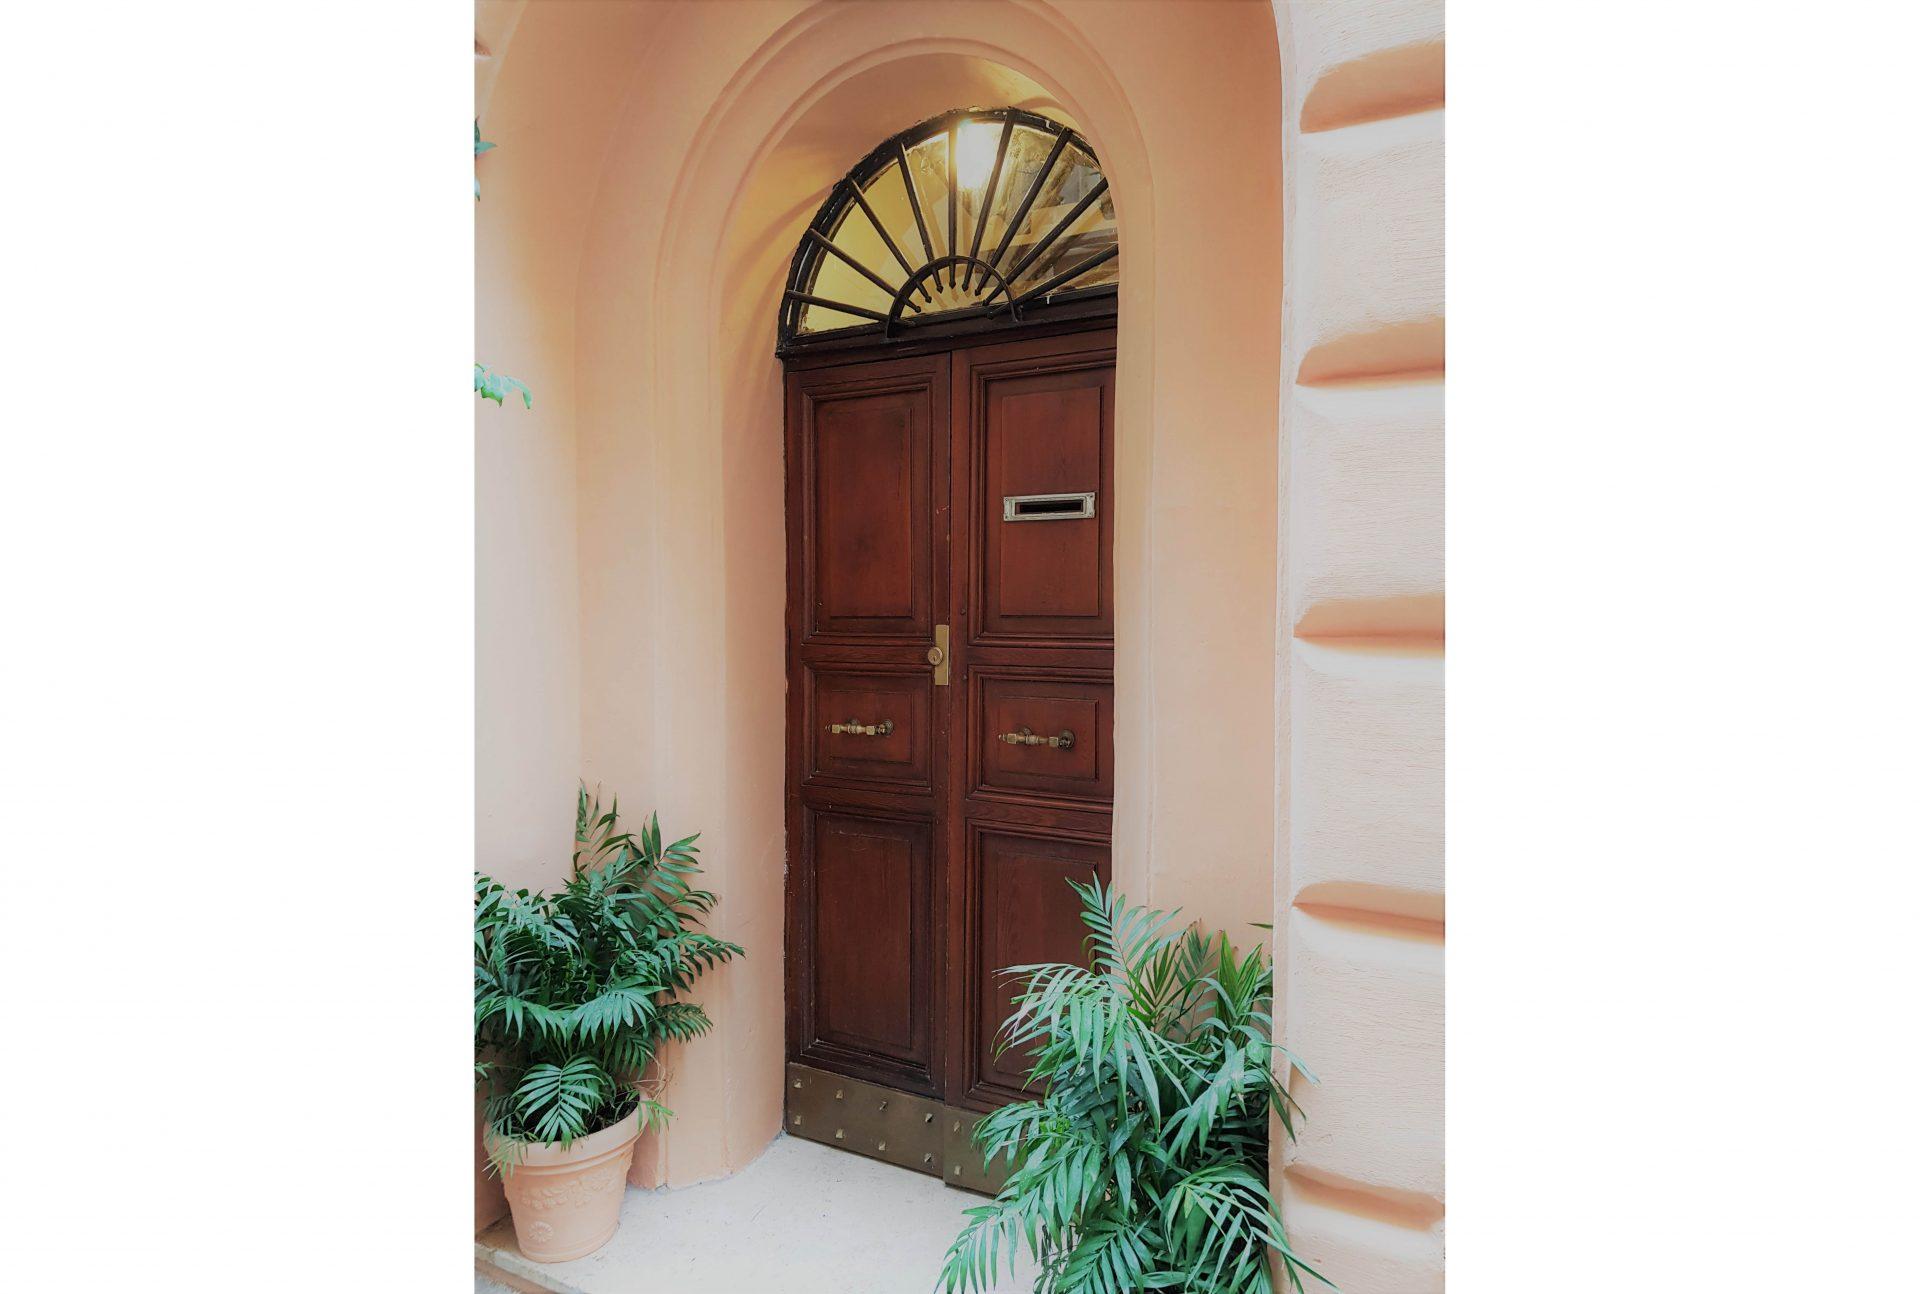 Appartamento Puttarello_ingresso (1)_rev